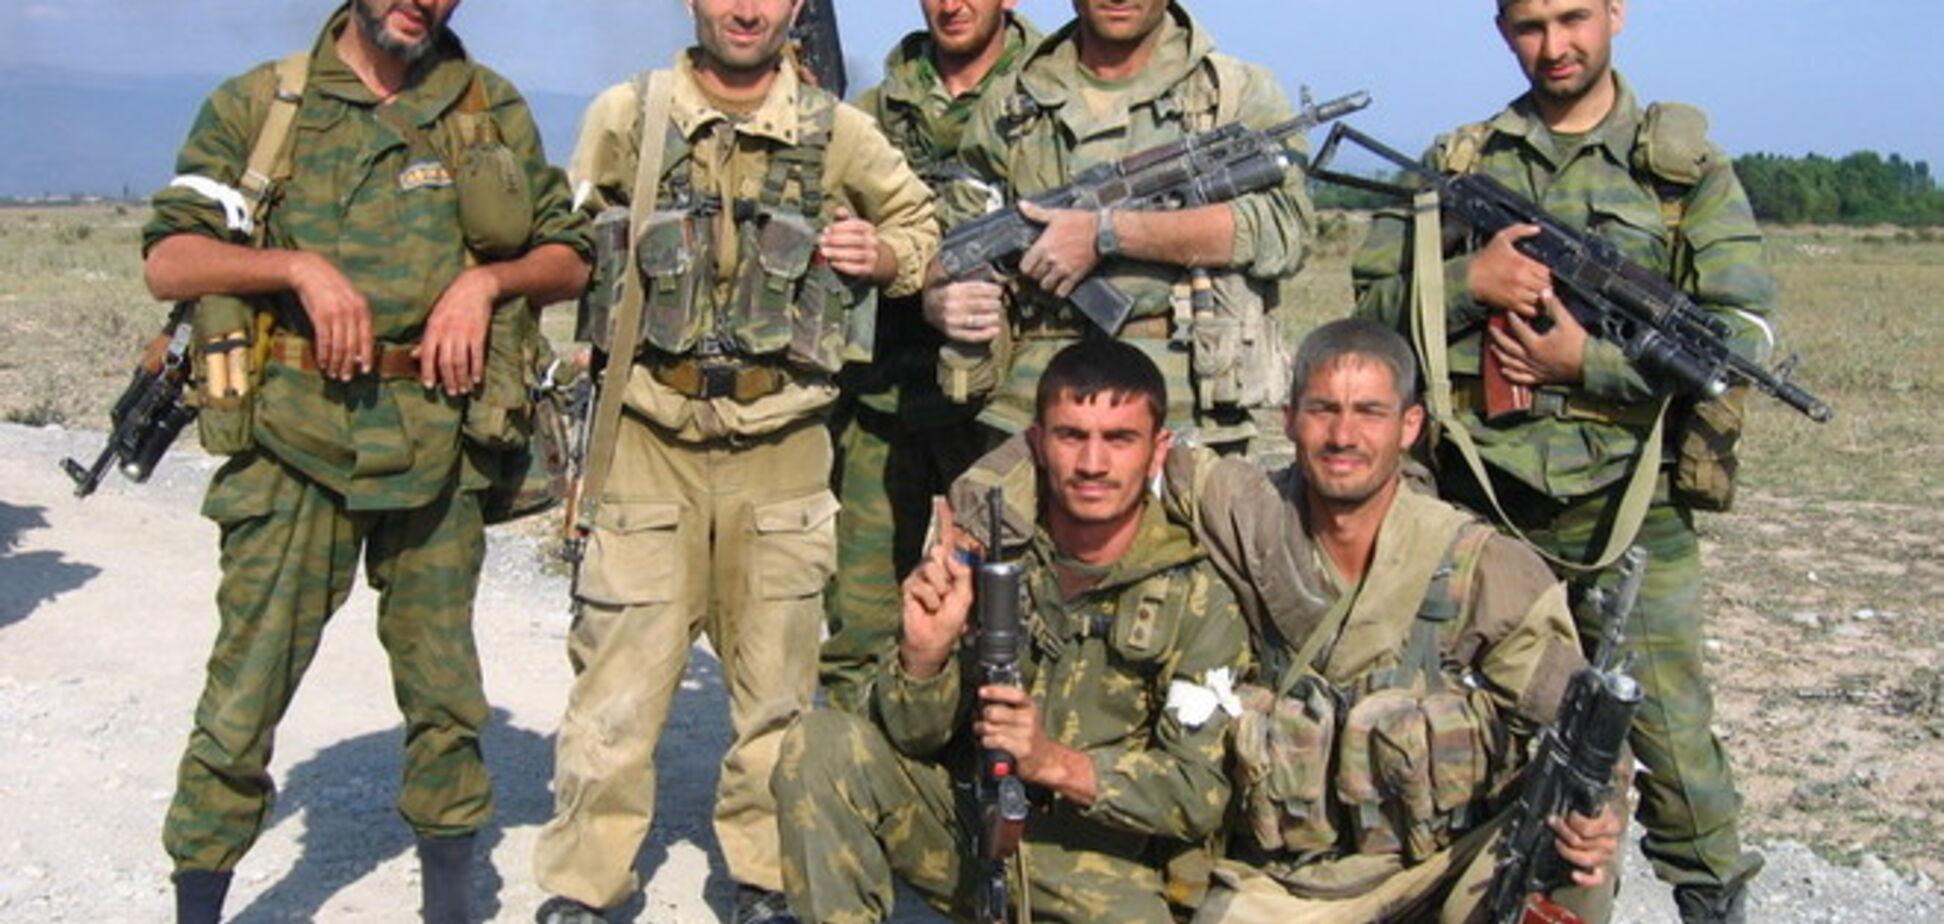 Чеченцам платят по $500 за каждого убитого украинского военного и по $1000 за офицера - ИС